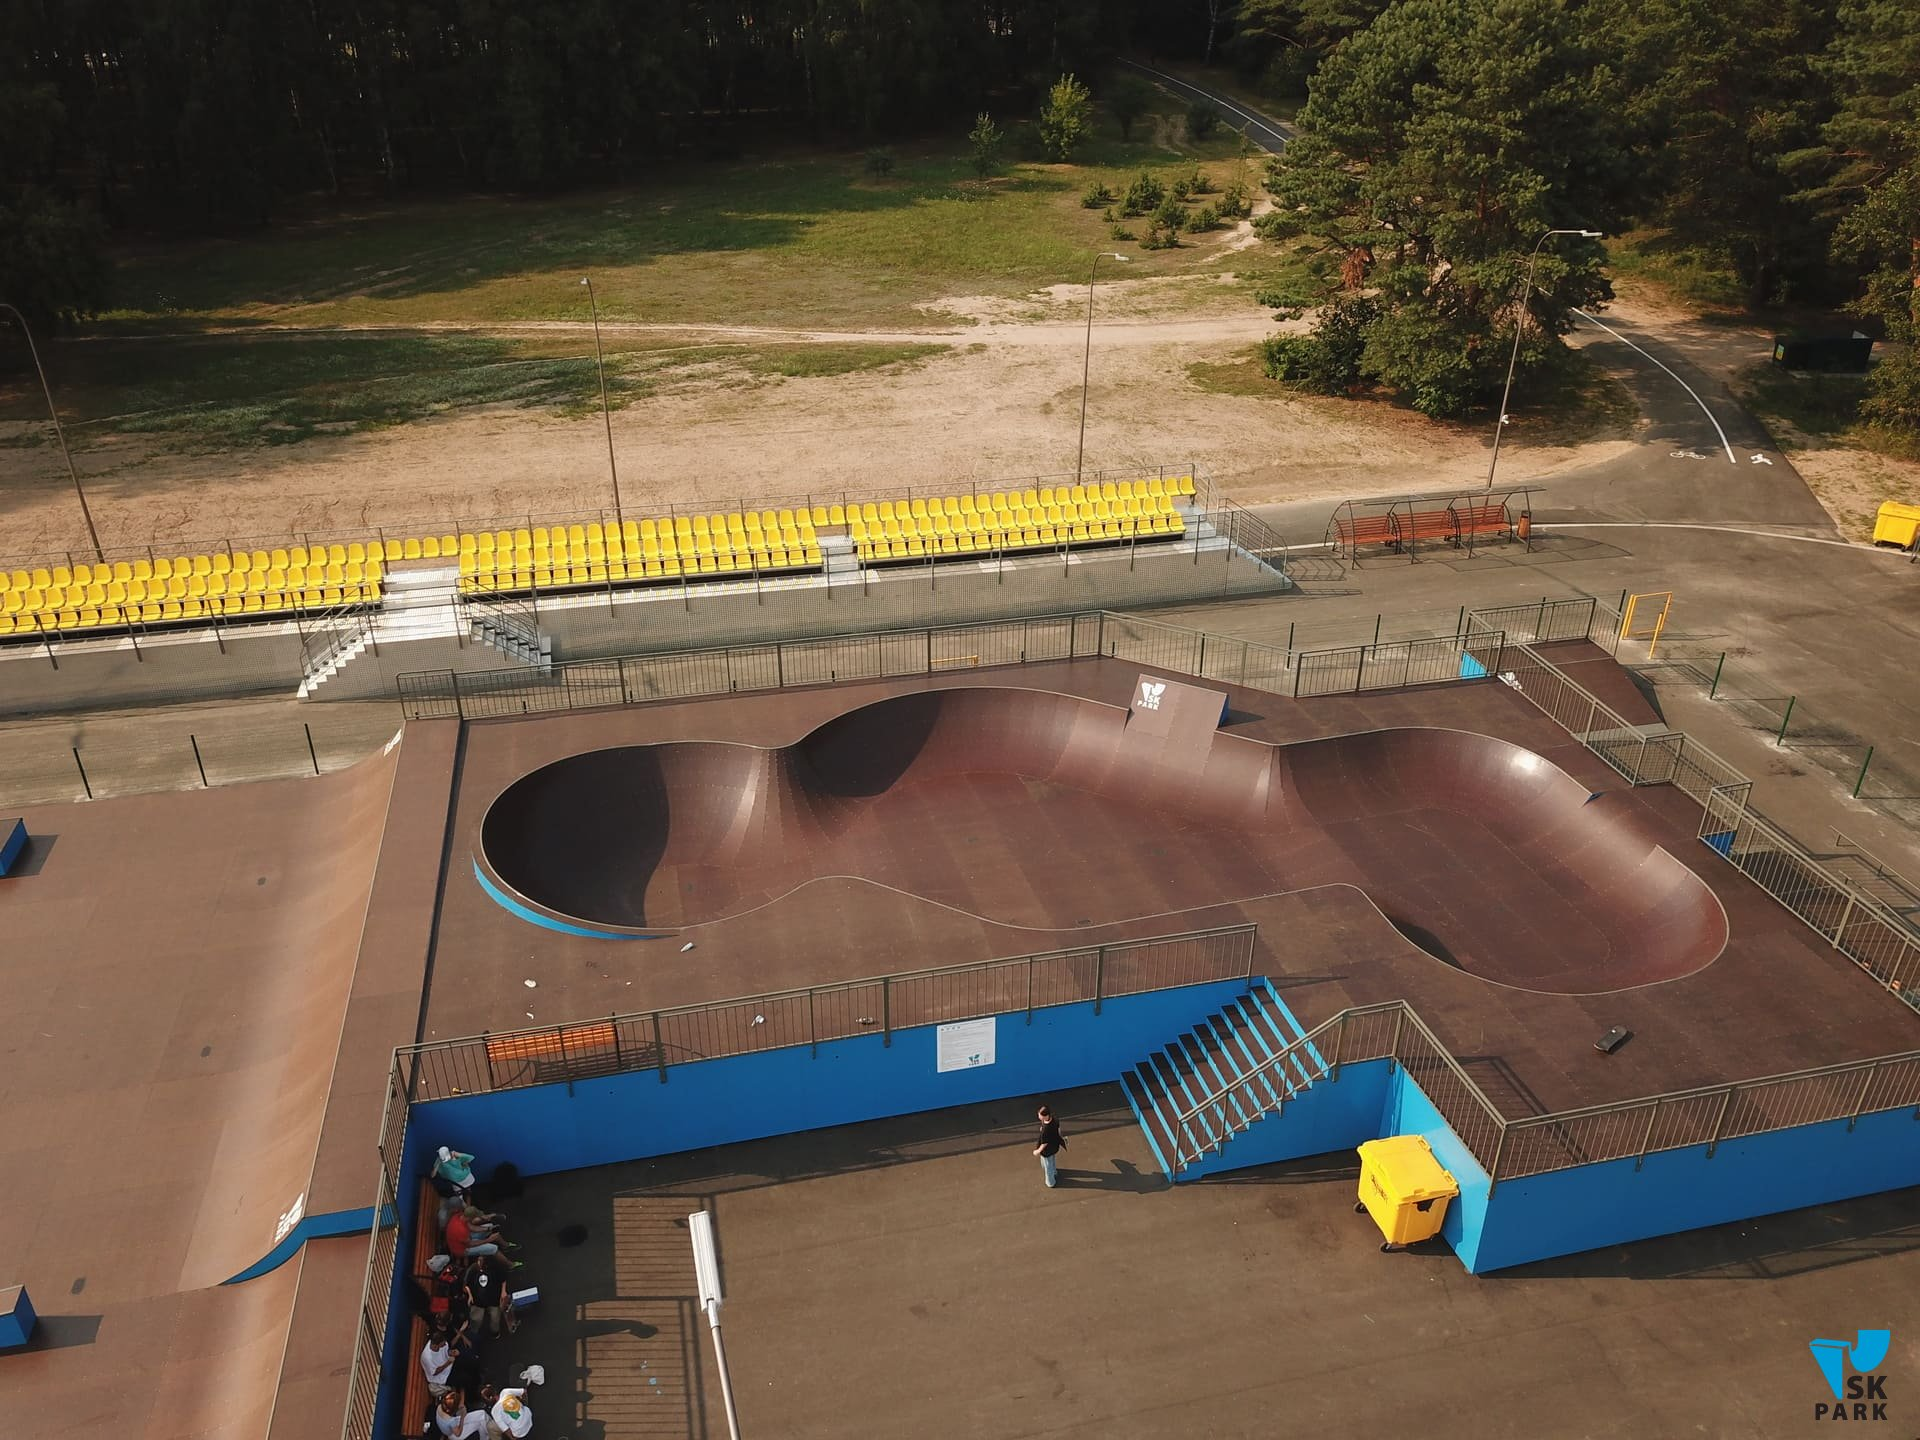 Скейт парк в г. Солигорске (республика Беларусь)